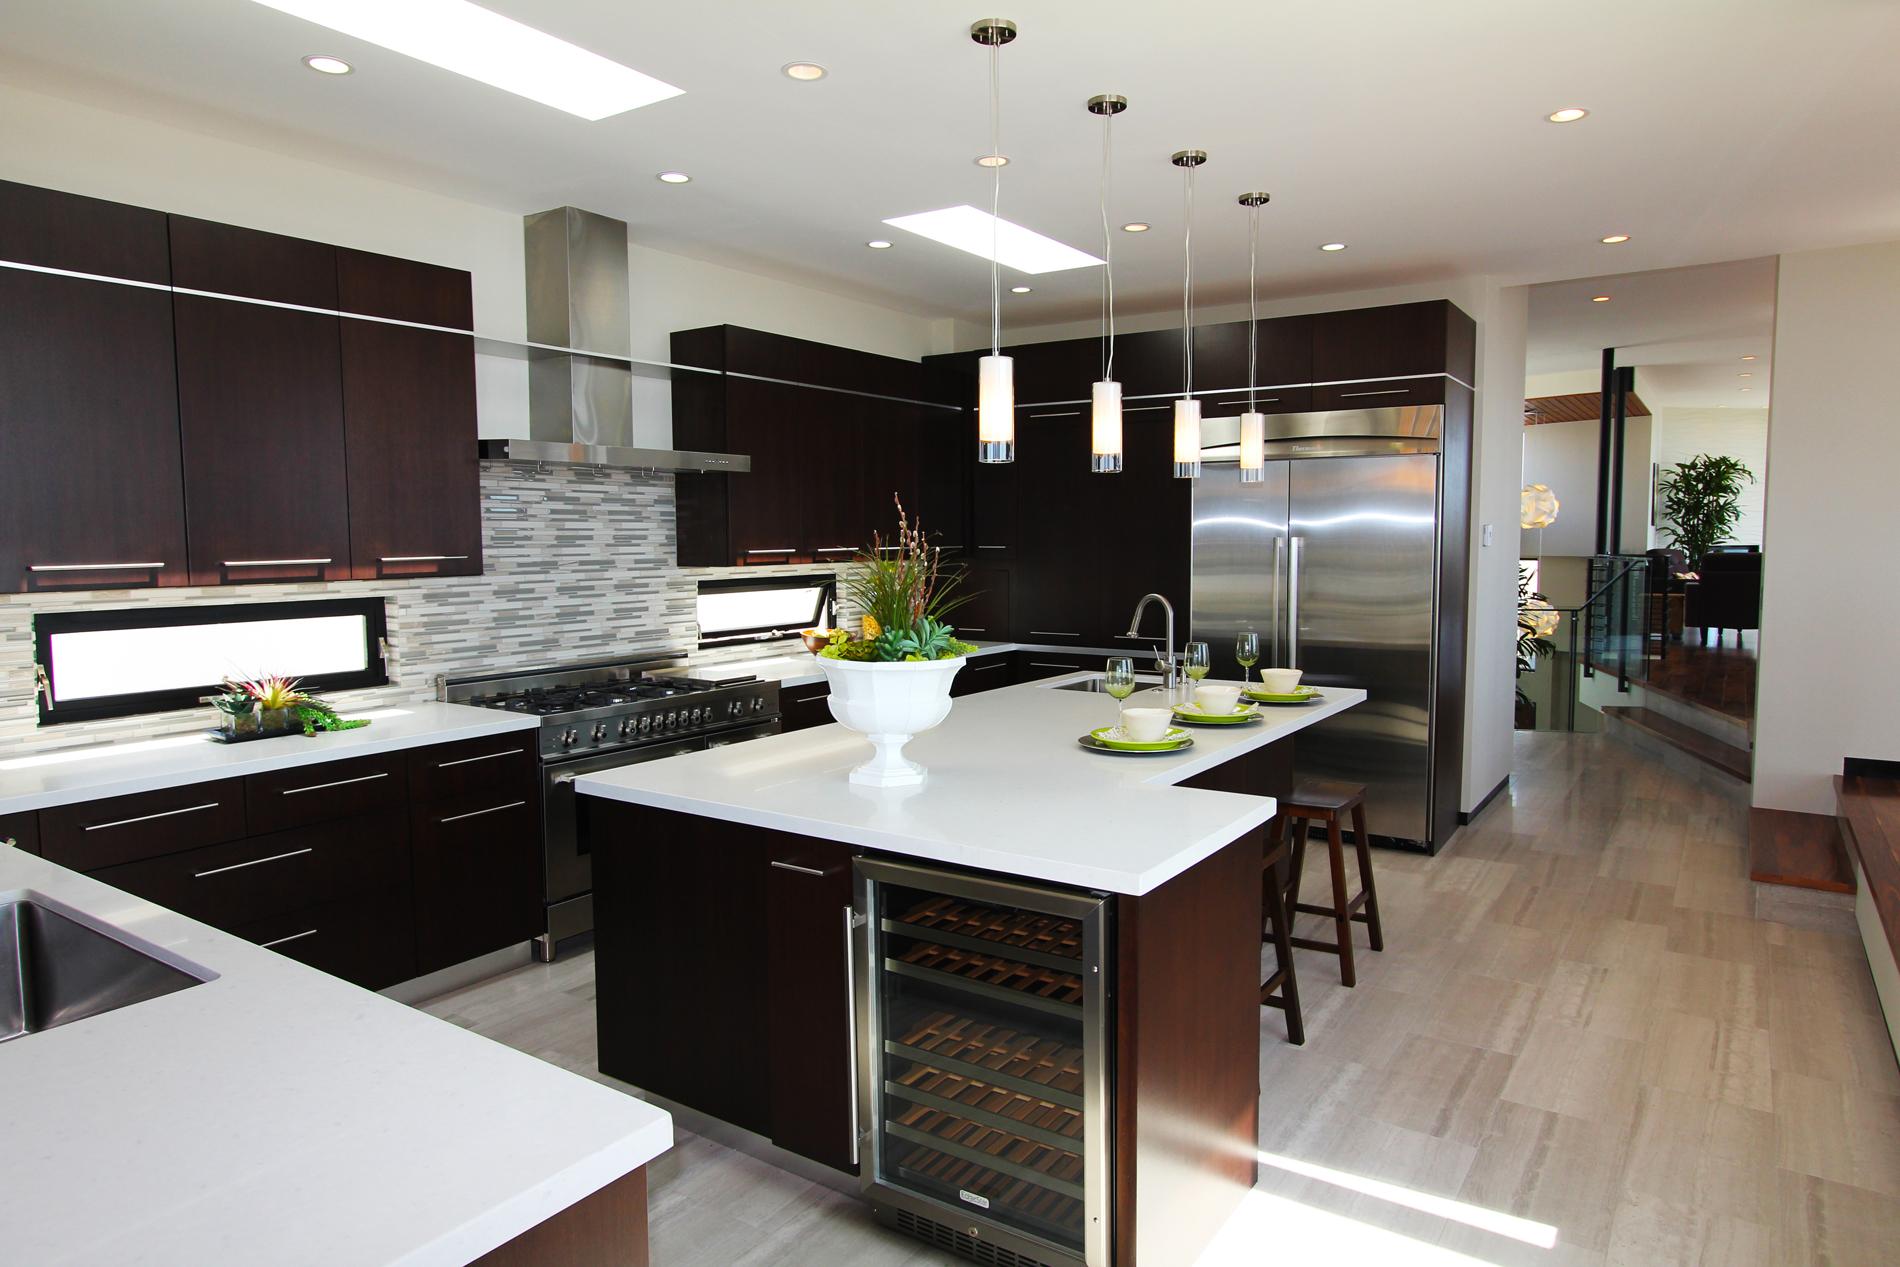 vista 34th kitchen.jpg